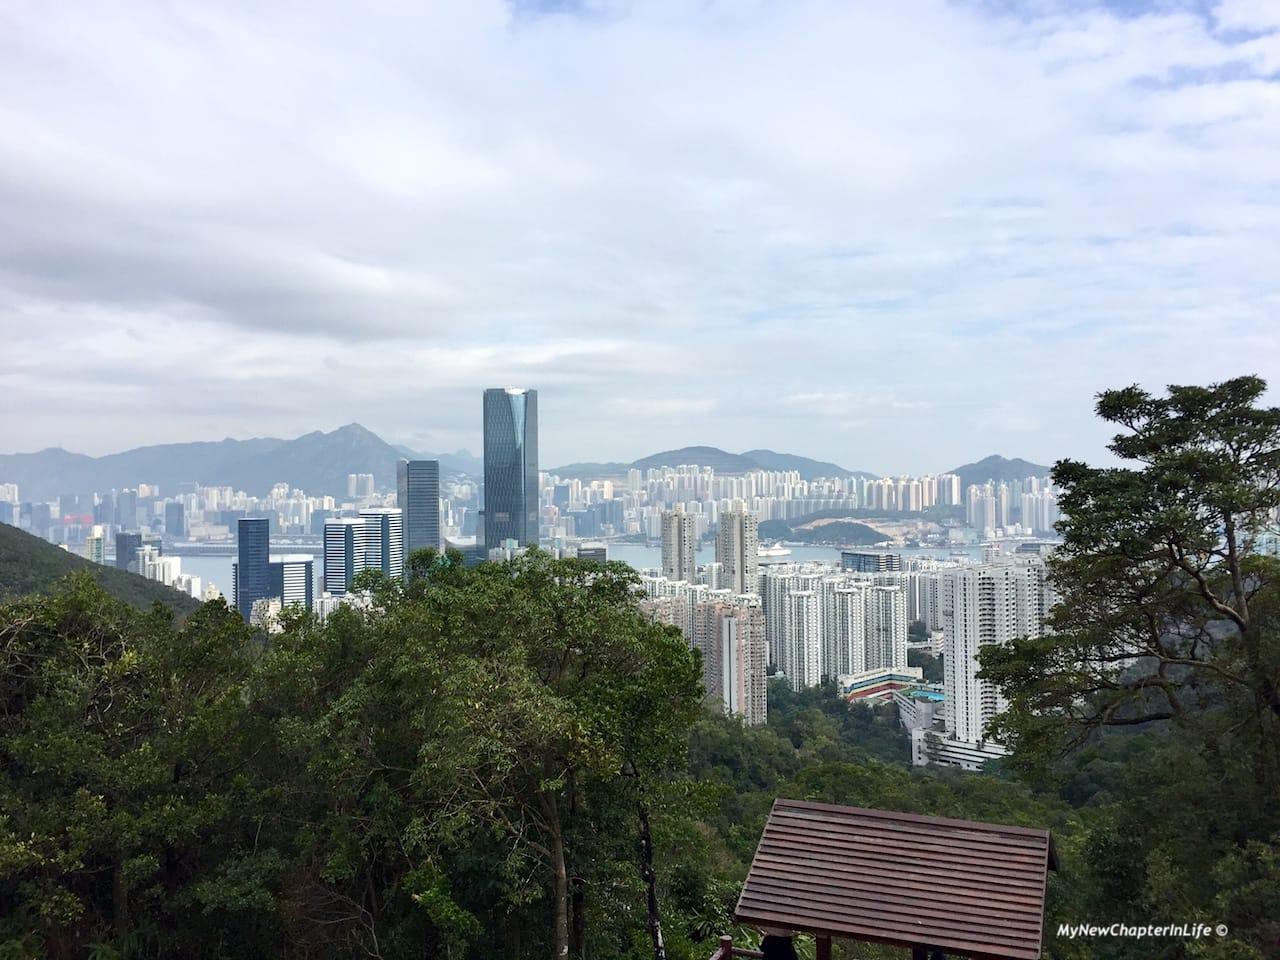 港島東及九龍東 View of Eastern Hong Kong Island and Kowloon